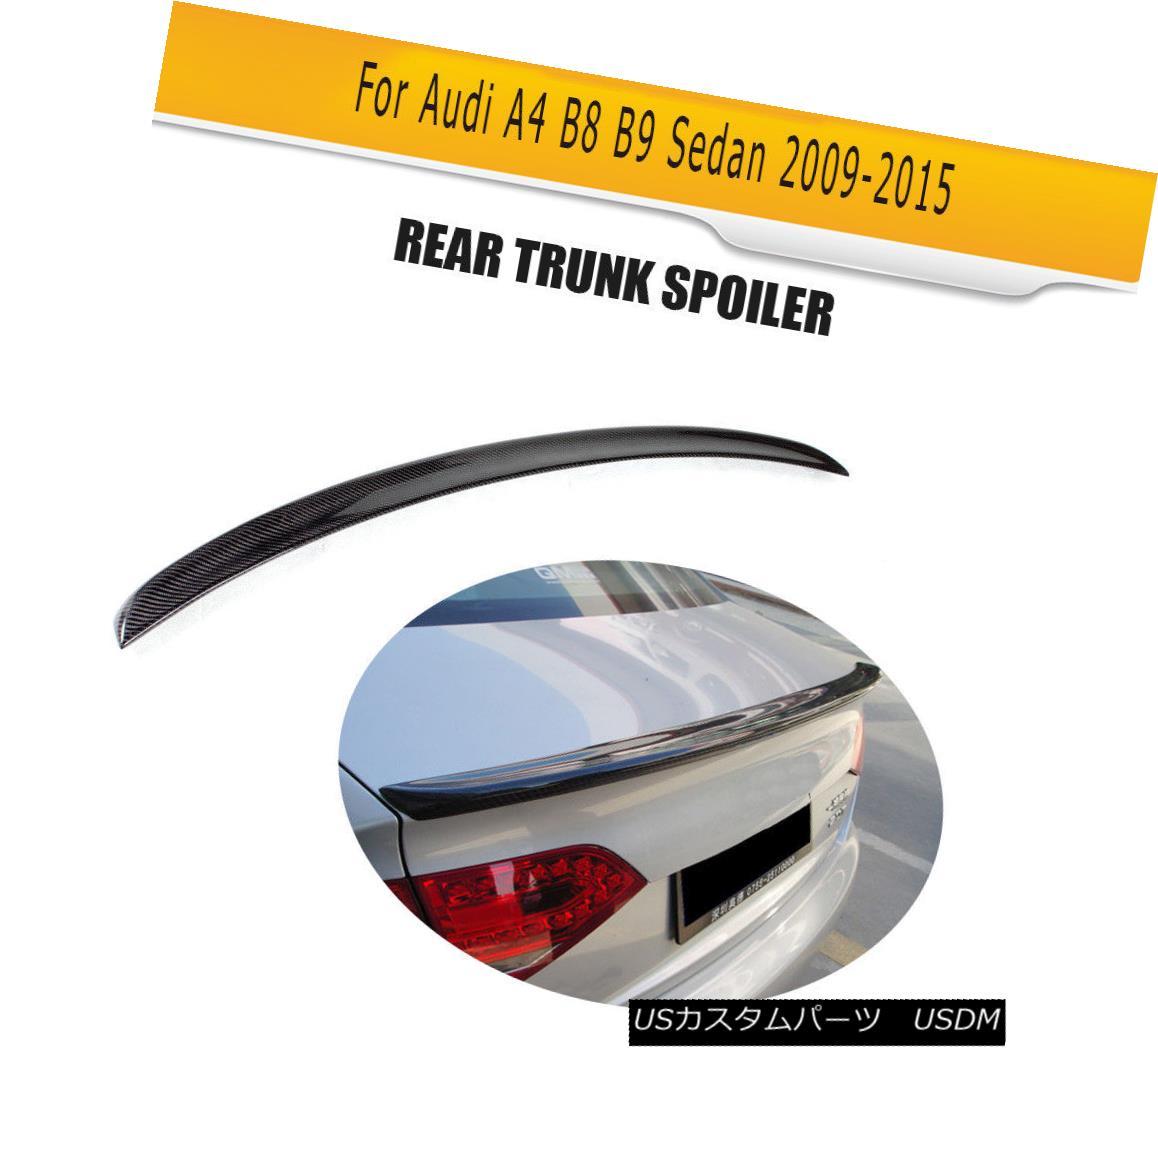 エアロパーツ Carbon Fiber Rear Tuning Boot Spoiler Wing Lip Fit for Audi A4 B8 09-15 Bumper カーボンファイバーリアチューニングブーツ・スポイラーウイング・リップ・フィットfor Audi A4 B8 09-15バンパー